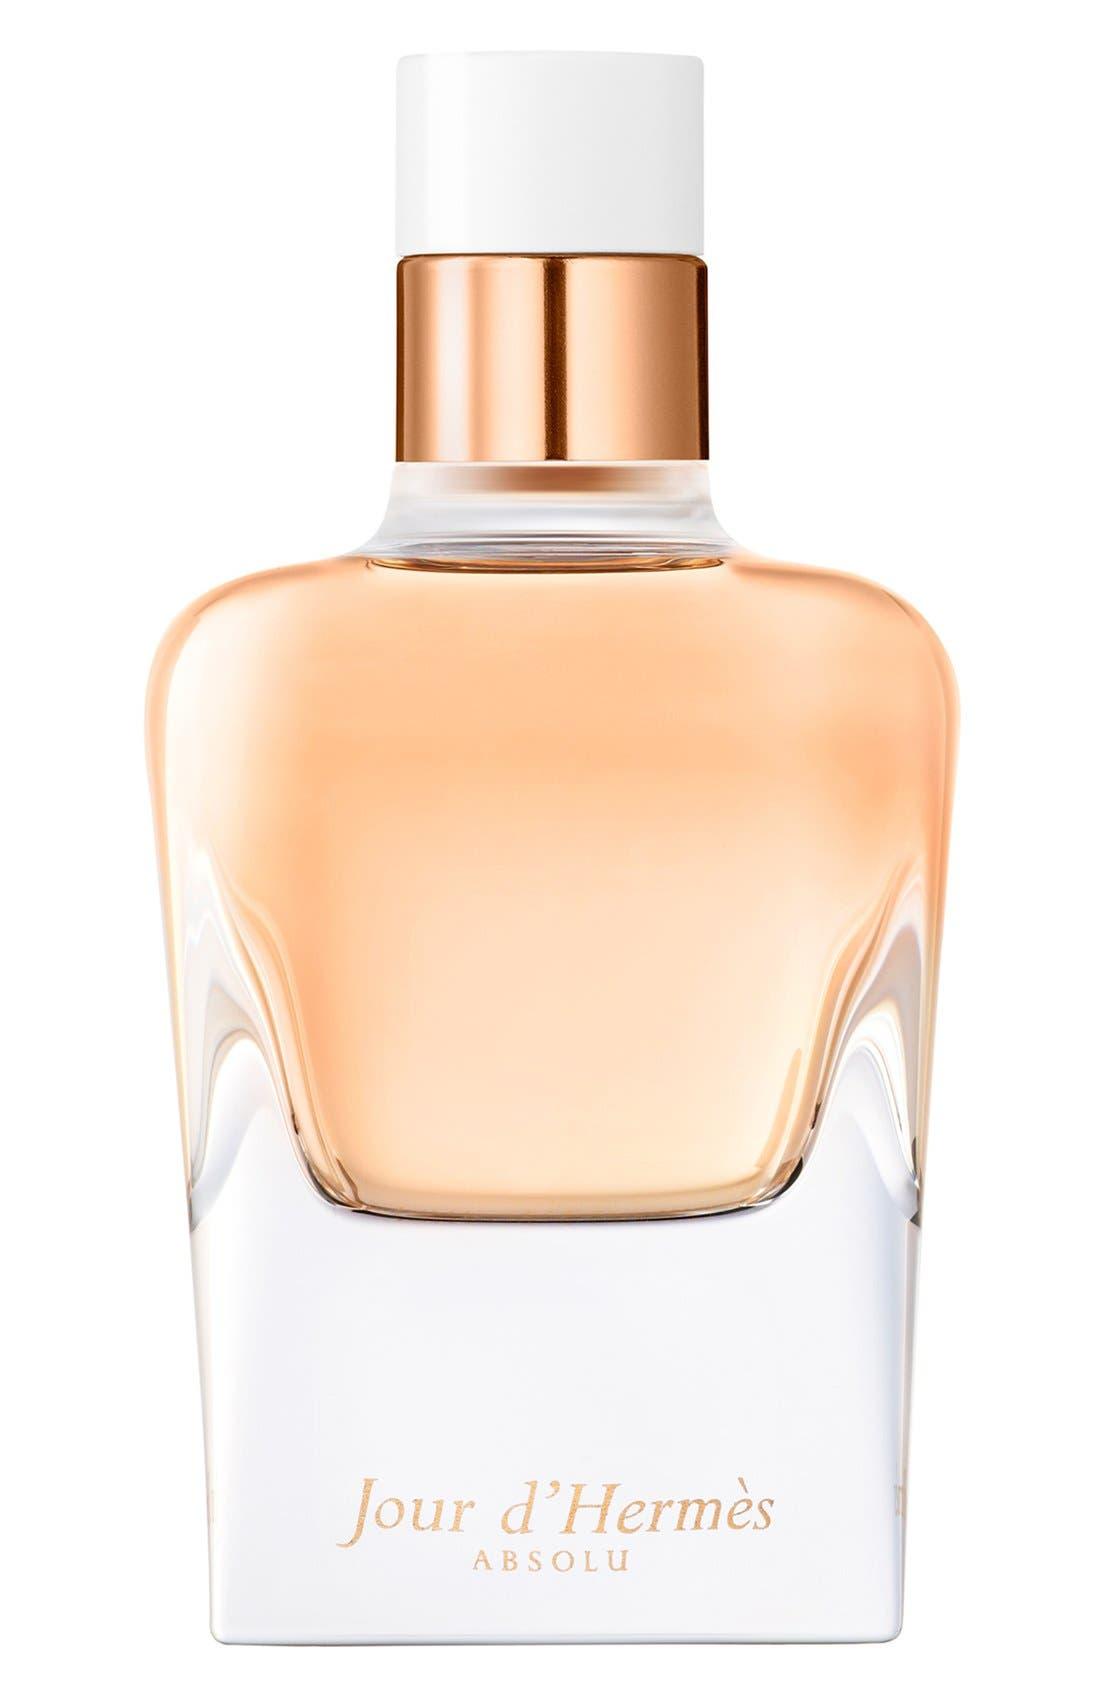 Jour d'Hermès Absolu - Eau de parfum,                             Main thumbnail 1, color,                             NO COLOR